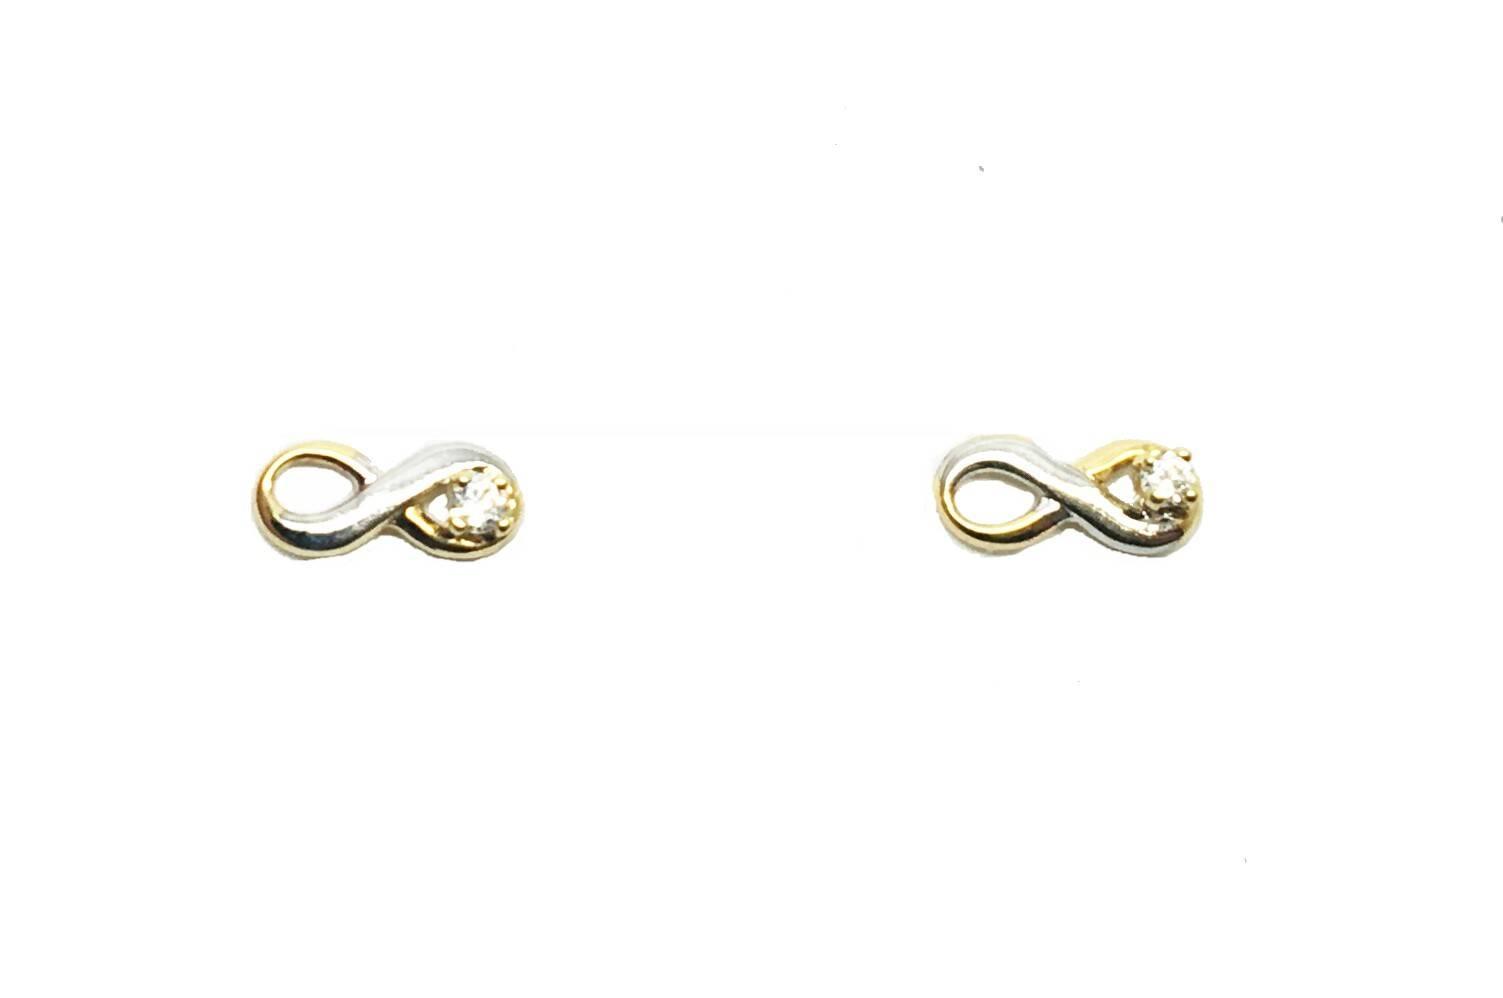 6c8ea9226fbb Pendientes de oro Infinito Joyería Juan Luis Larráyoz Pamplona comprar  infinito online joyería online